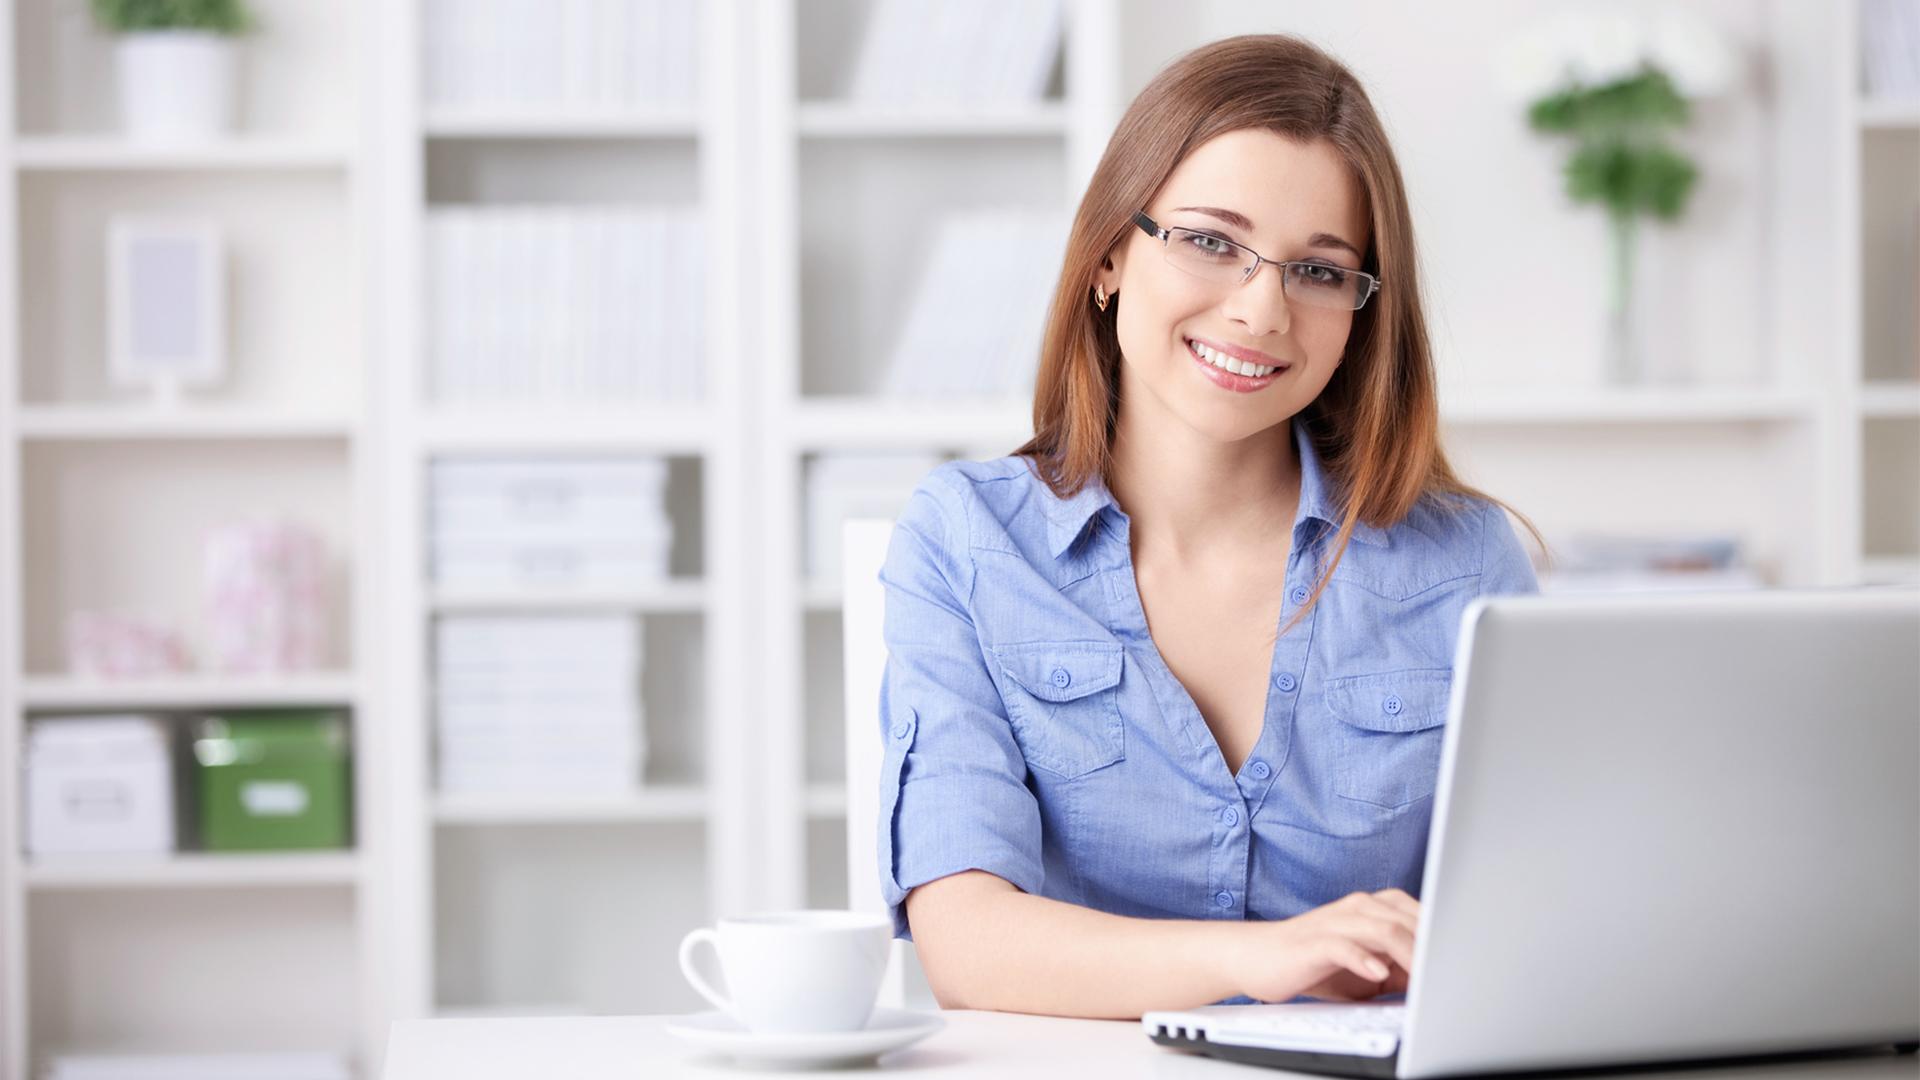 instruirea și câștigarea de bani pe internet)